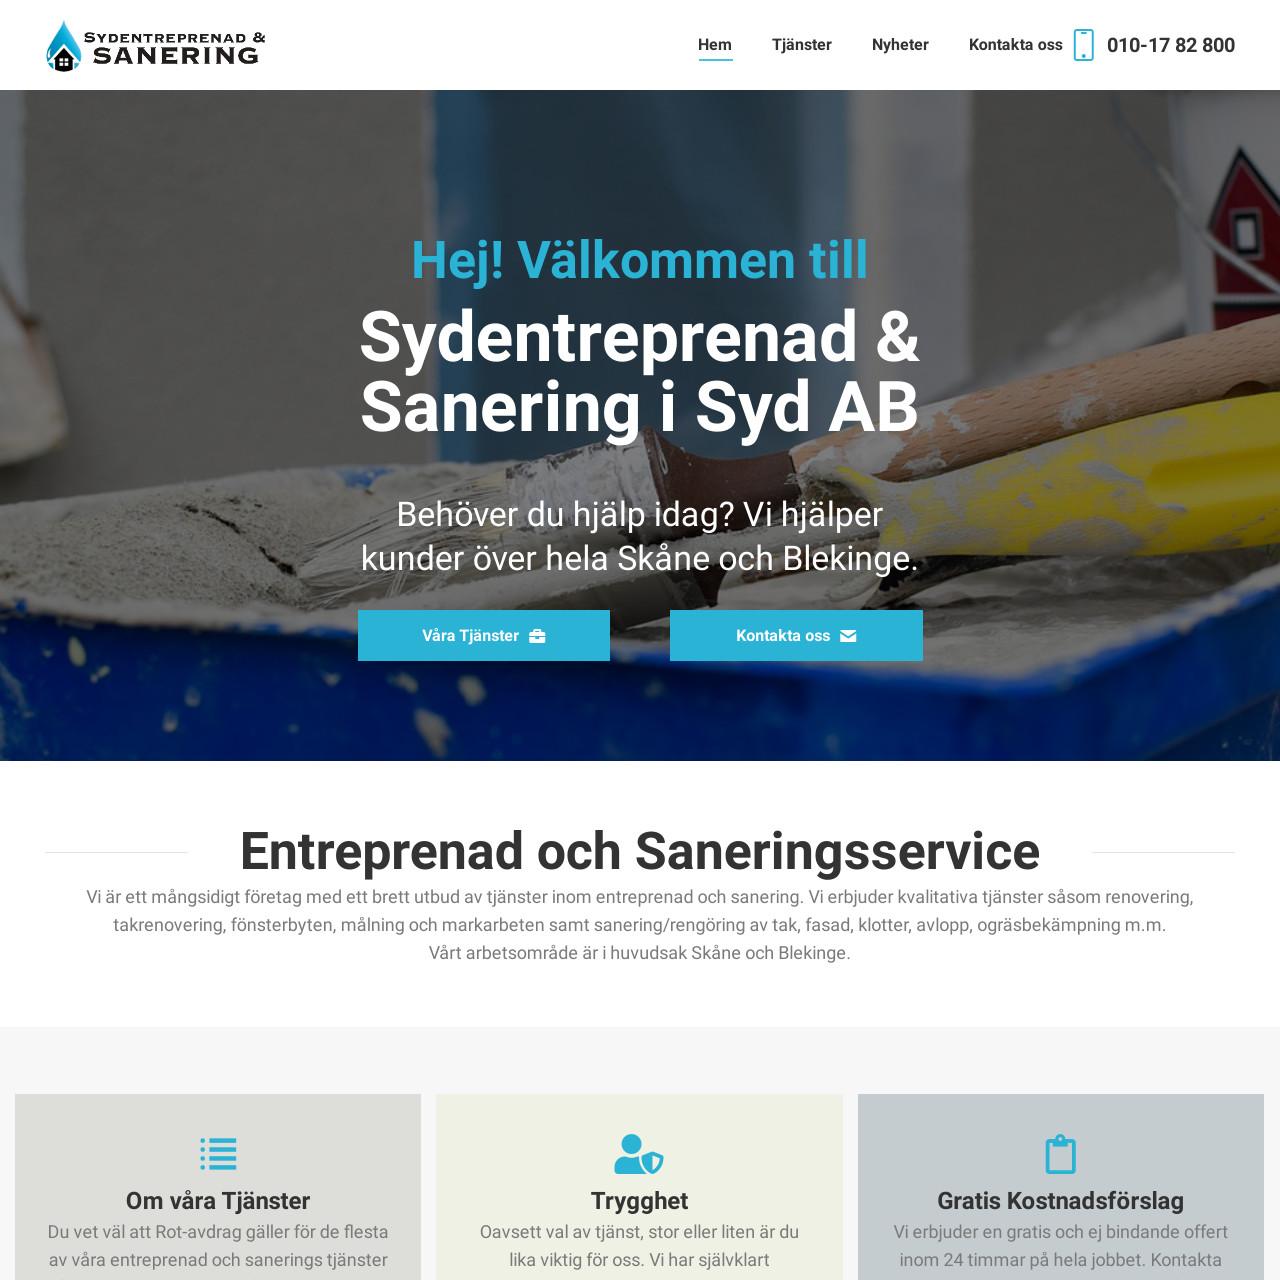 Sydentreprenad & Sanering i Syd AB 1